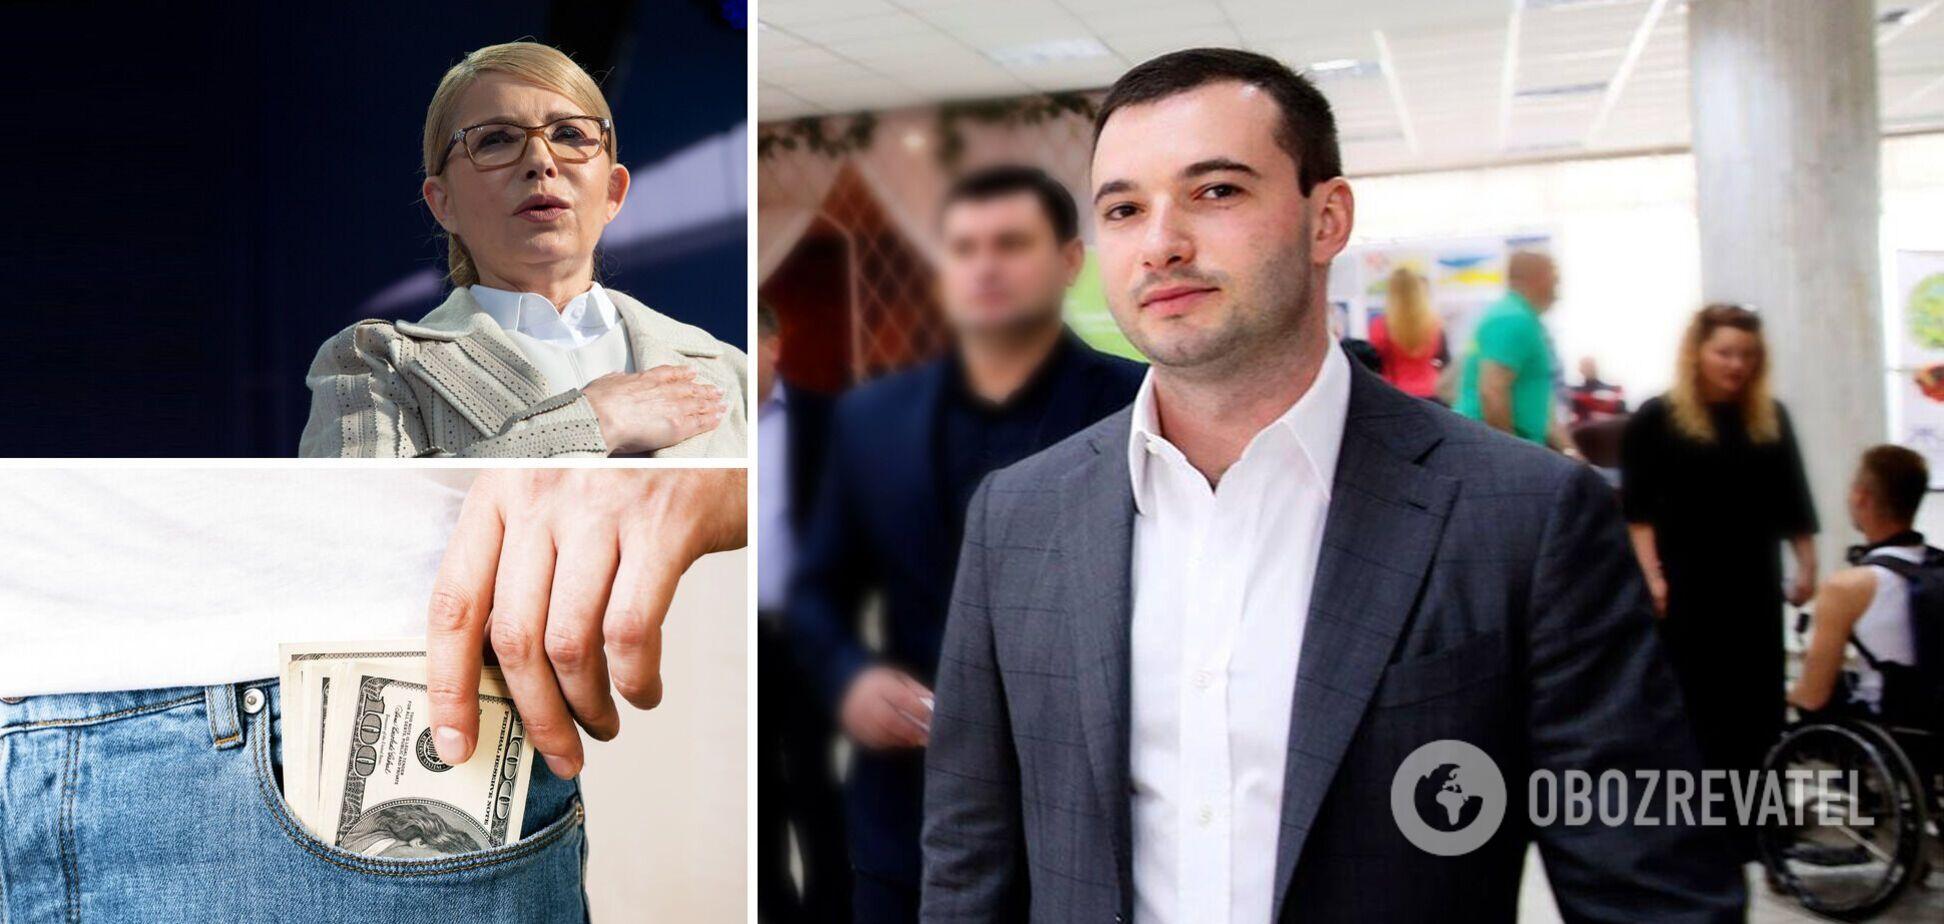 Зять Тимошенко Артур Чечеткин хорошо известен в политических кругах